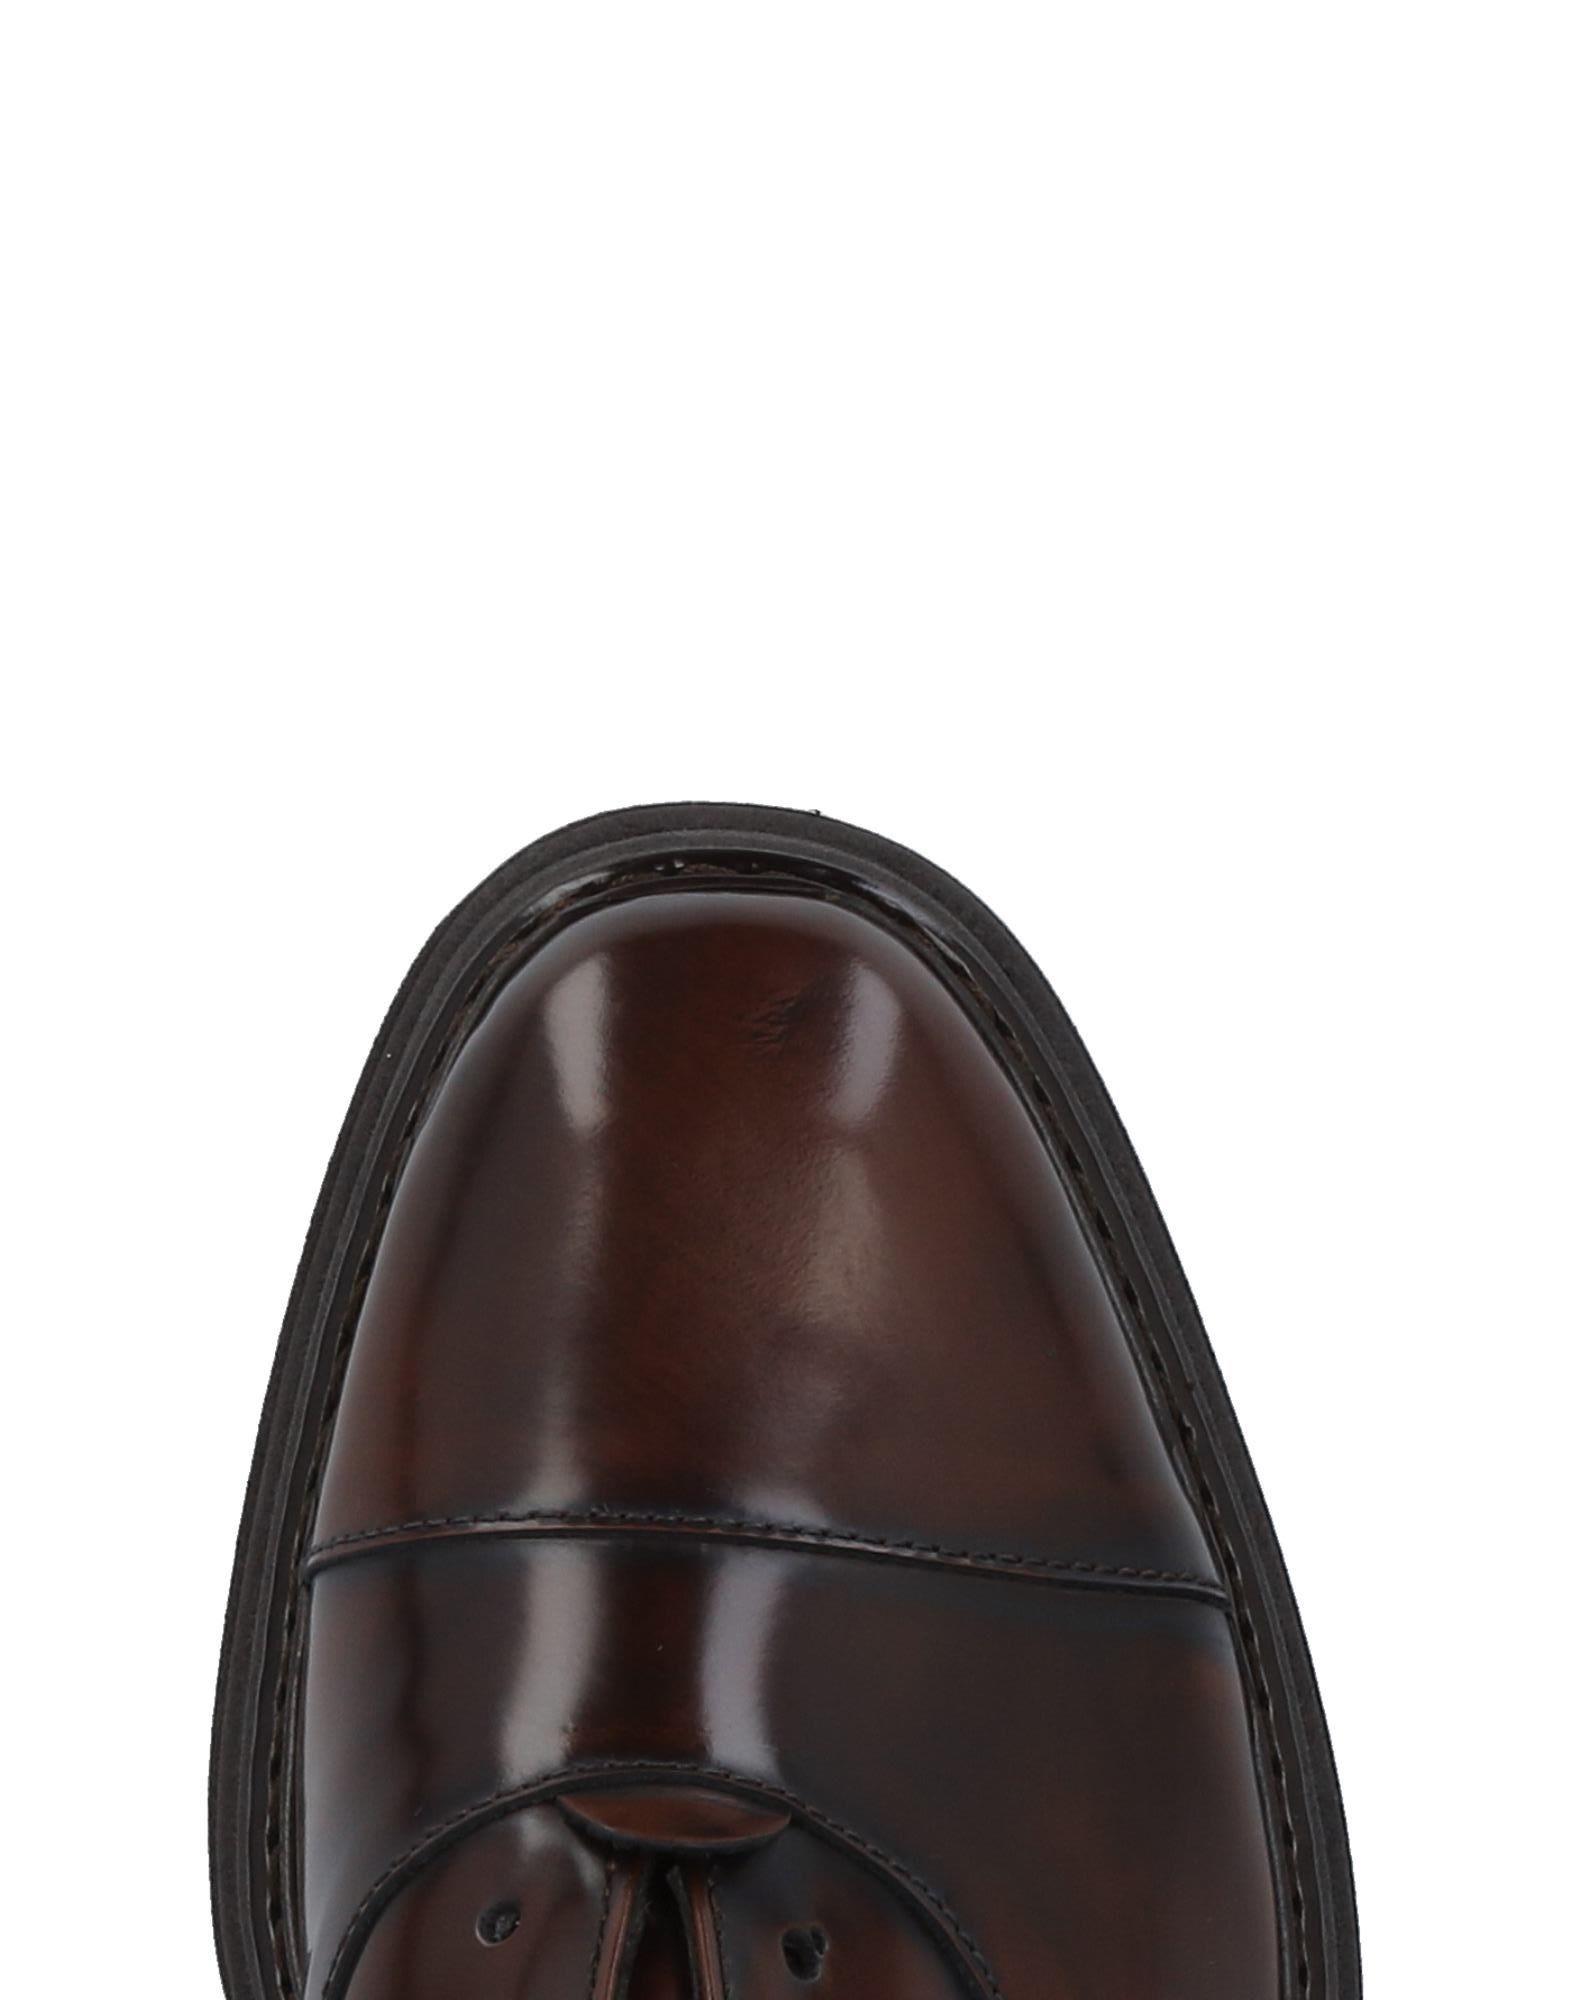 Formentini Mokassins Qualität Damen  11479020CJ Gute Qualität Mokassins beliebte Schuhe d7de99